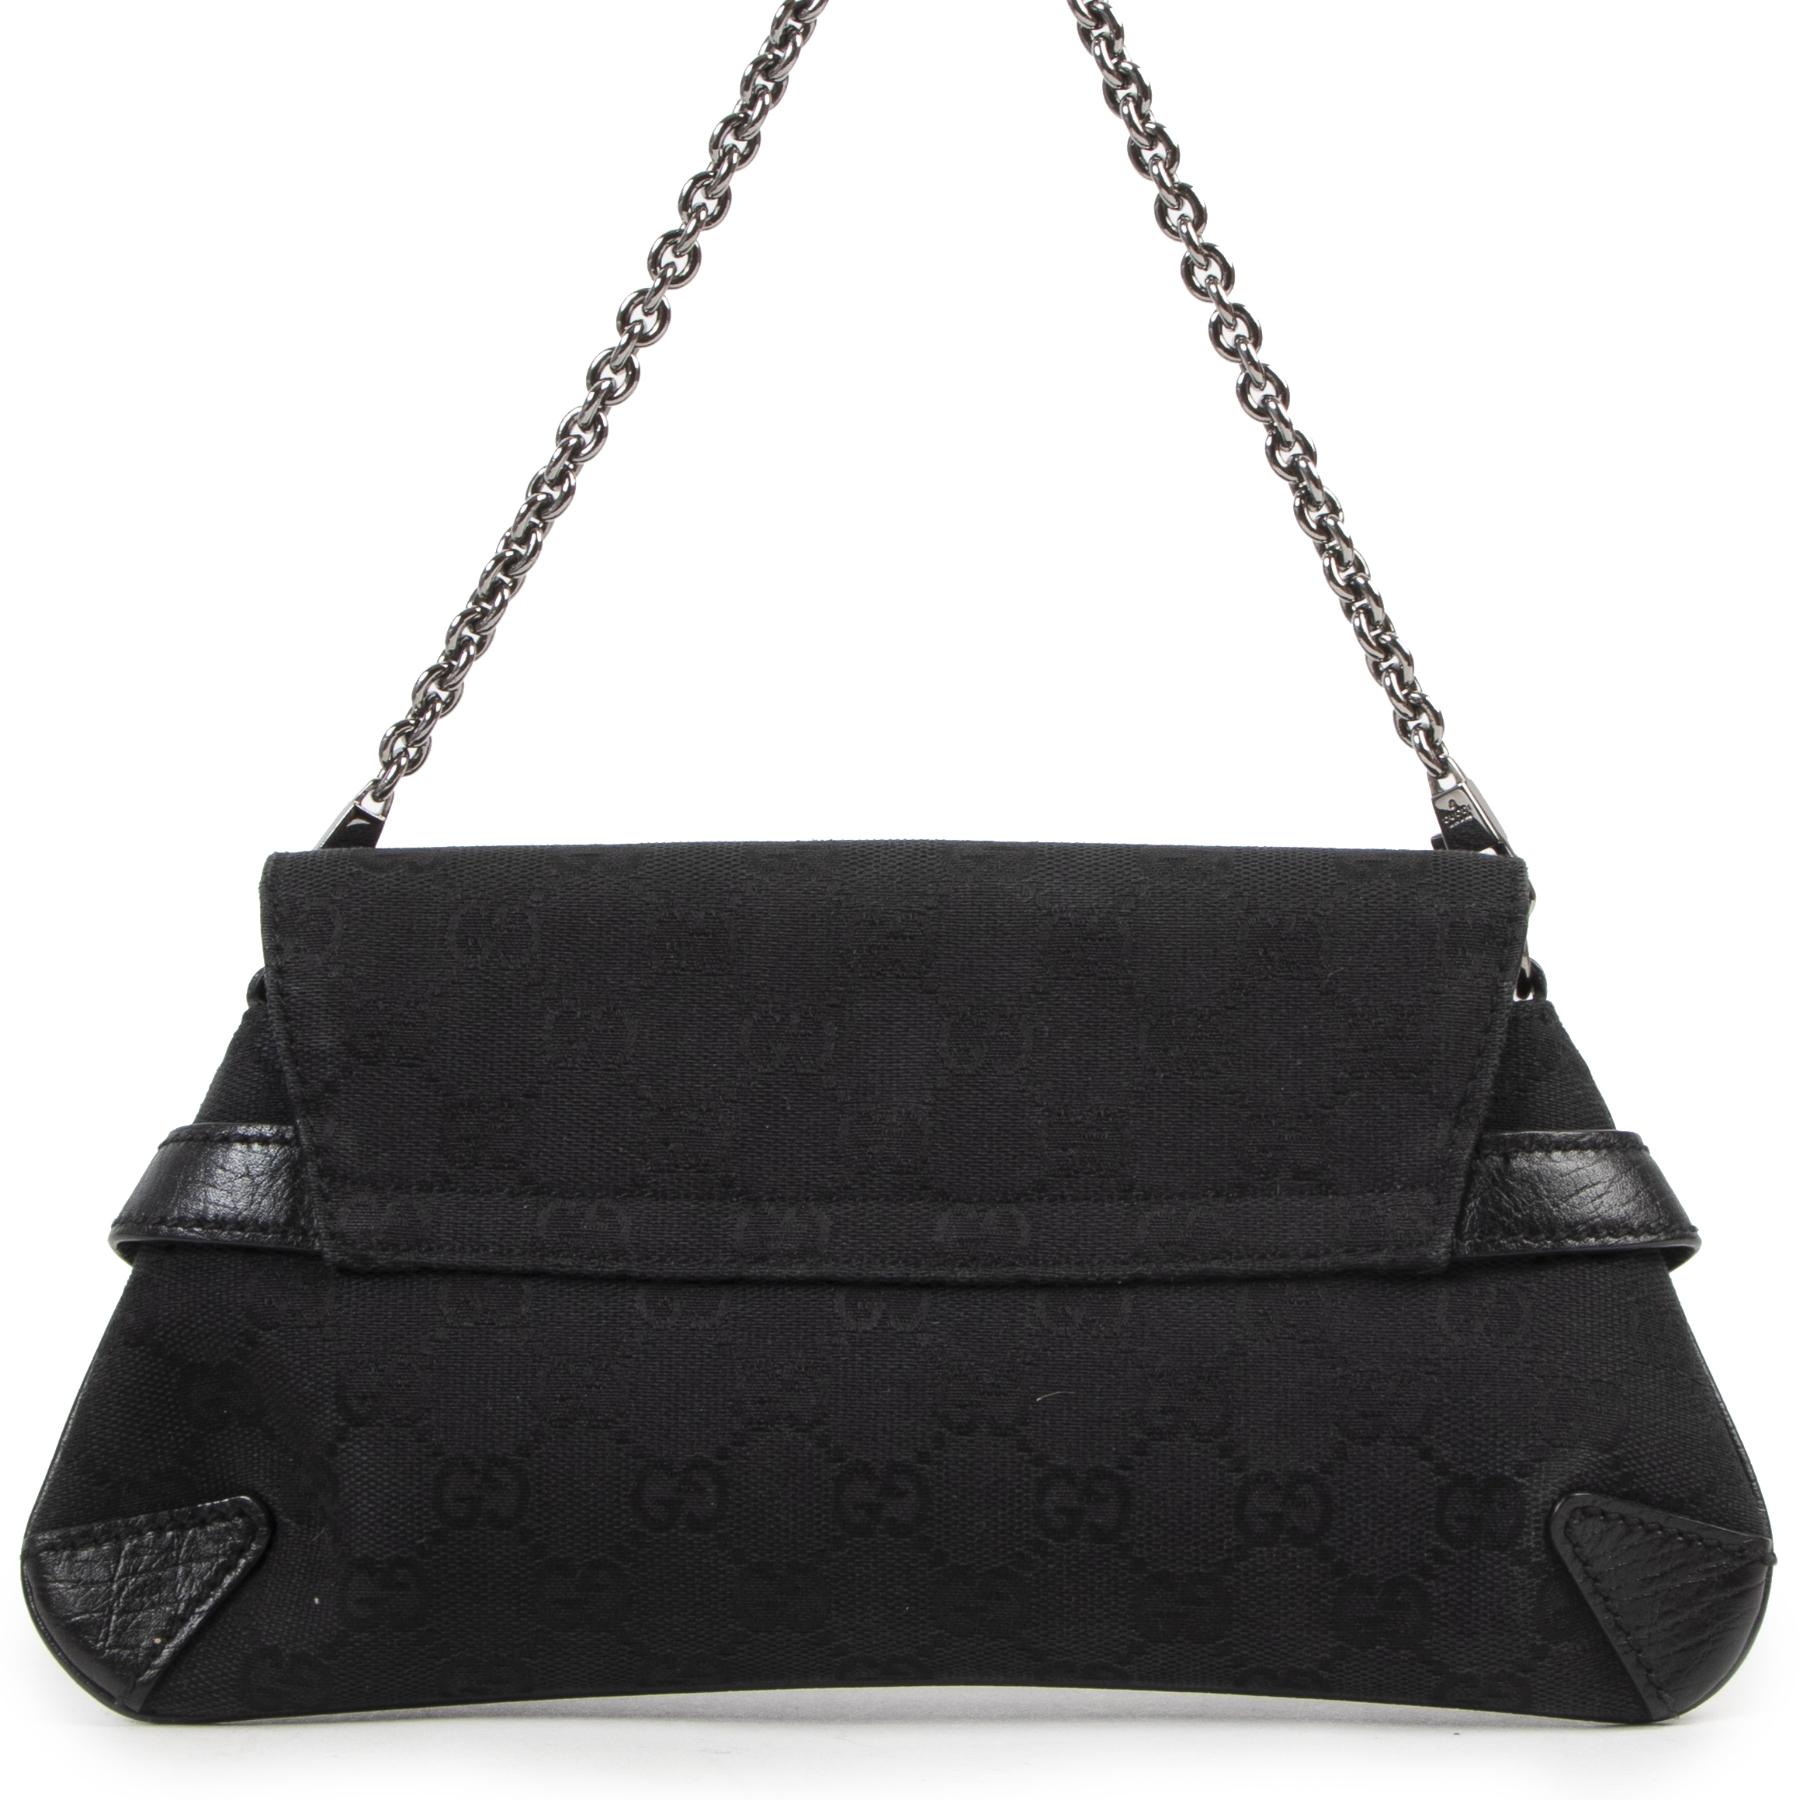 Gucci Black GG Horsebit Shoulder Bag aan de beste prijs bij Labellov tweedehands luxe